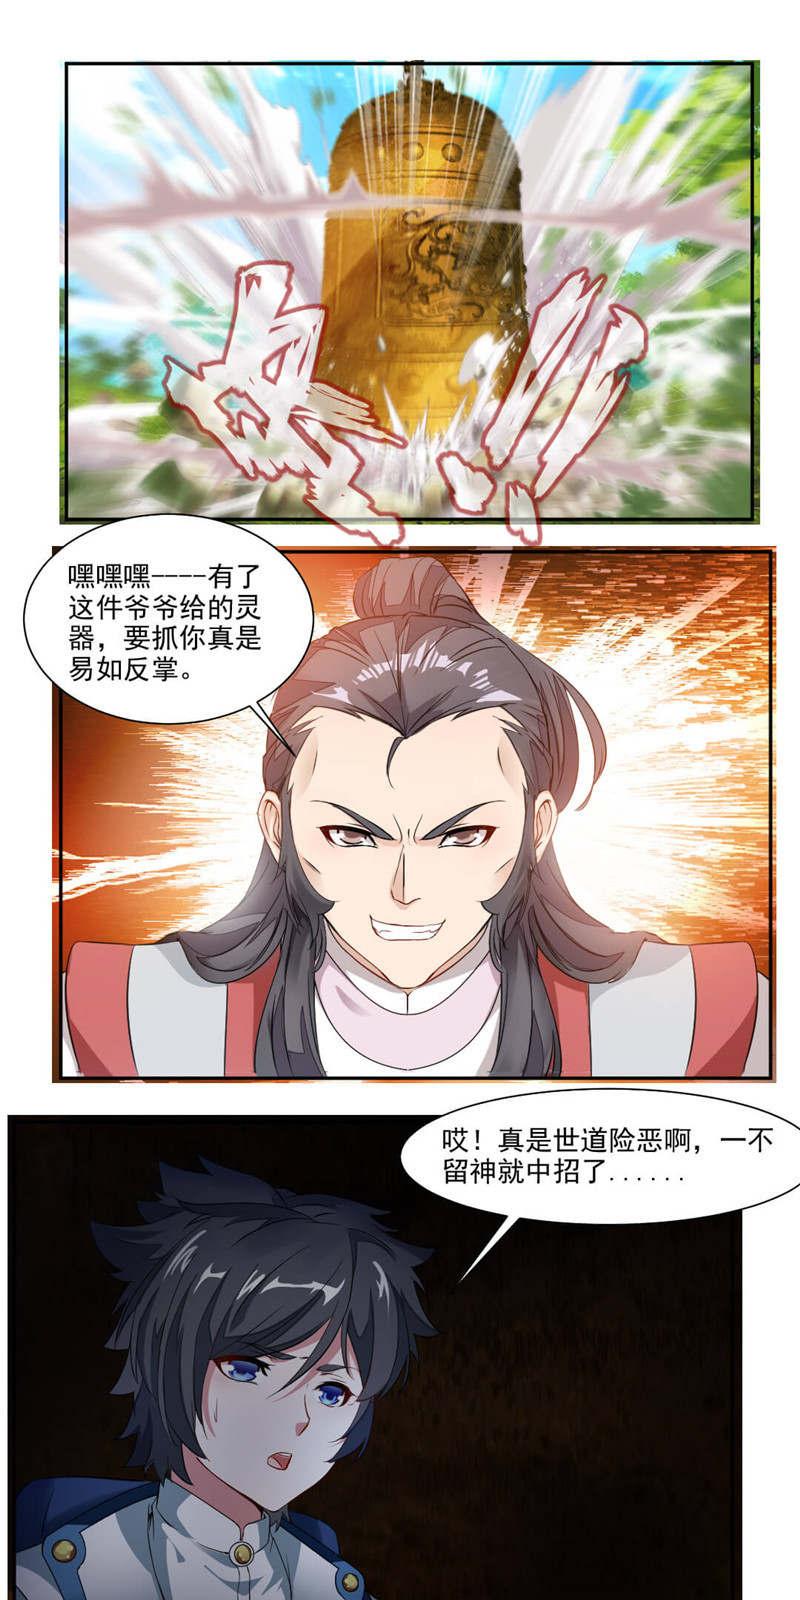 九阳神王第35话  震魂钟+震魂锤=? 第 12